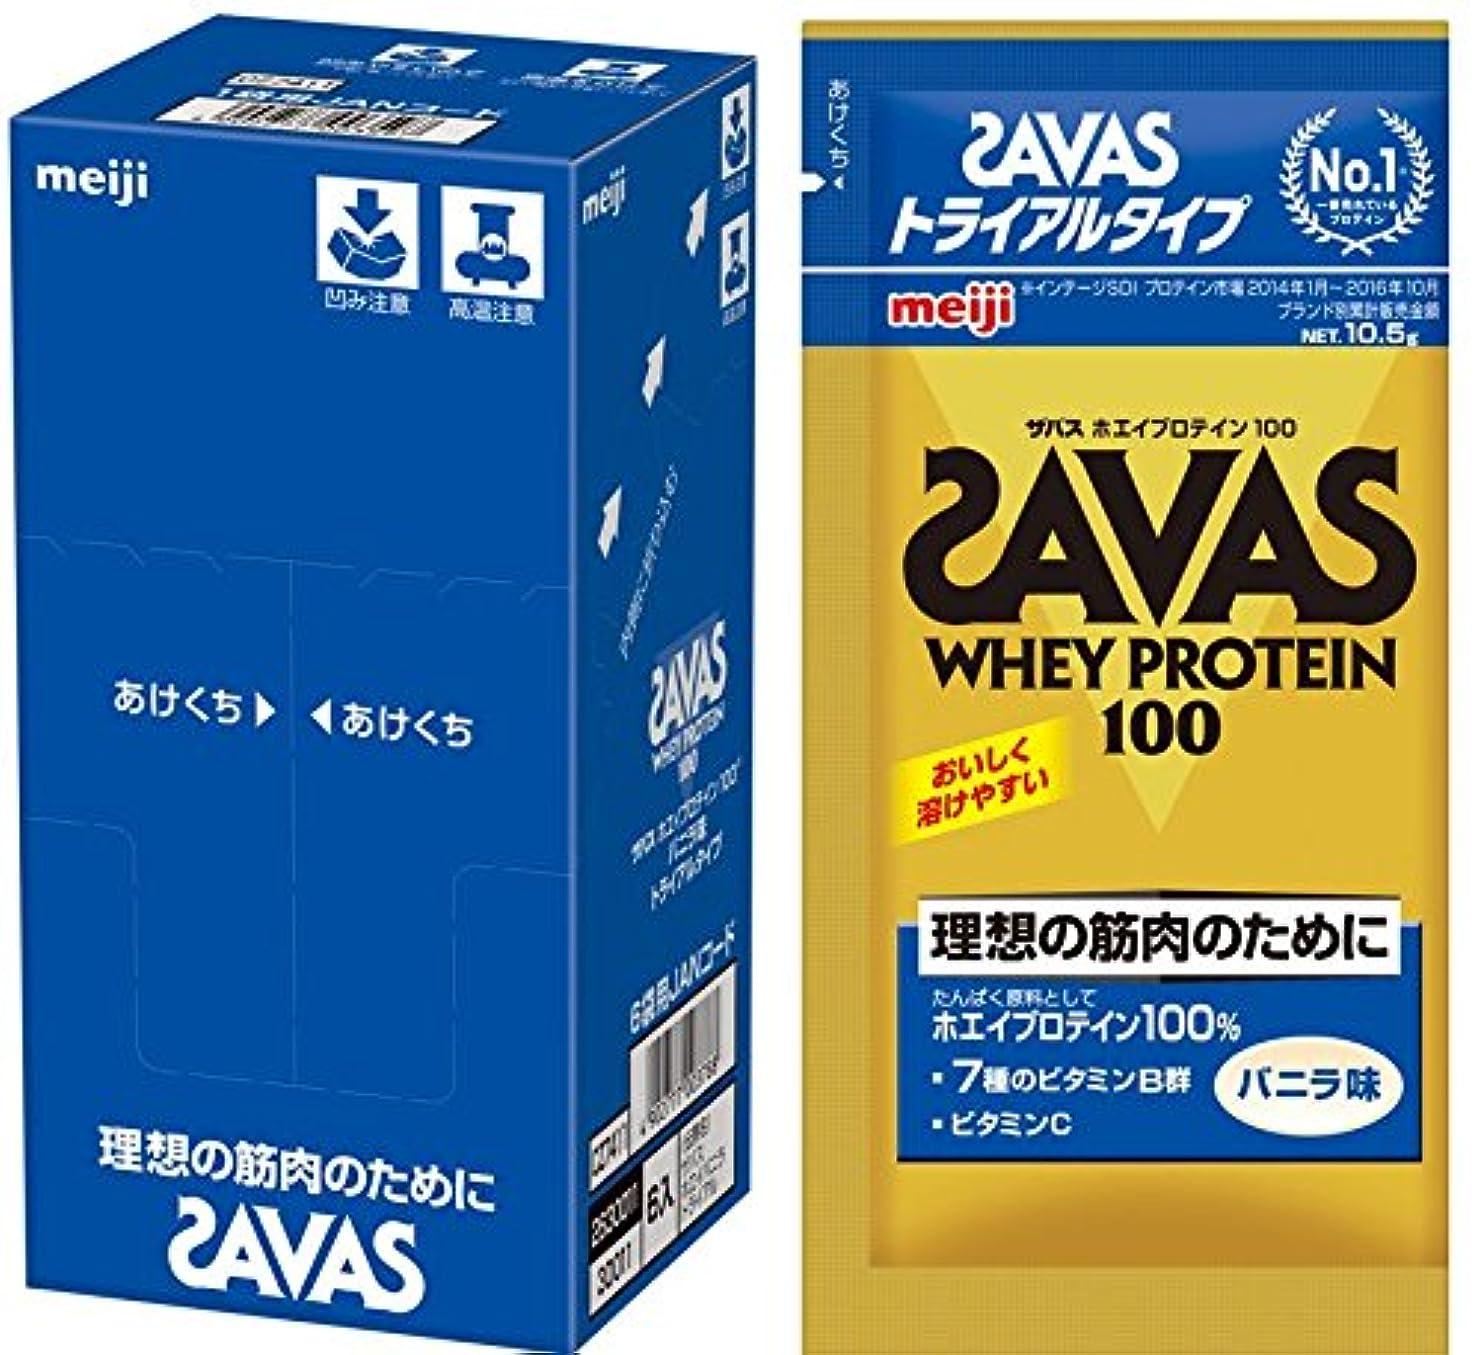 自慢理論的ロードされた明治 ザバス ホエイプロテイン100 バニラ味 トライアルタイプ 10.5gx6袋